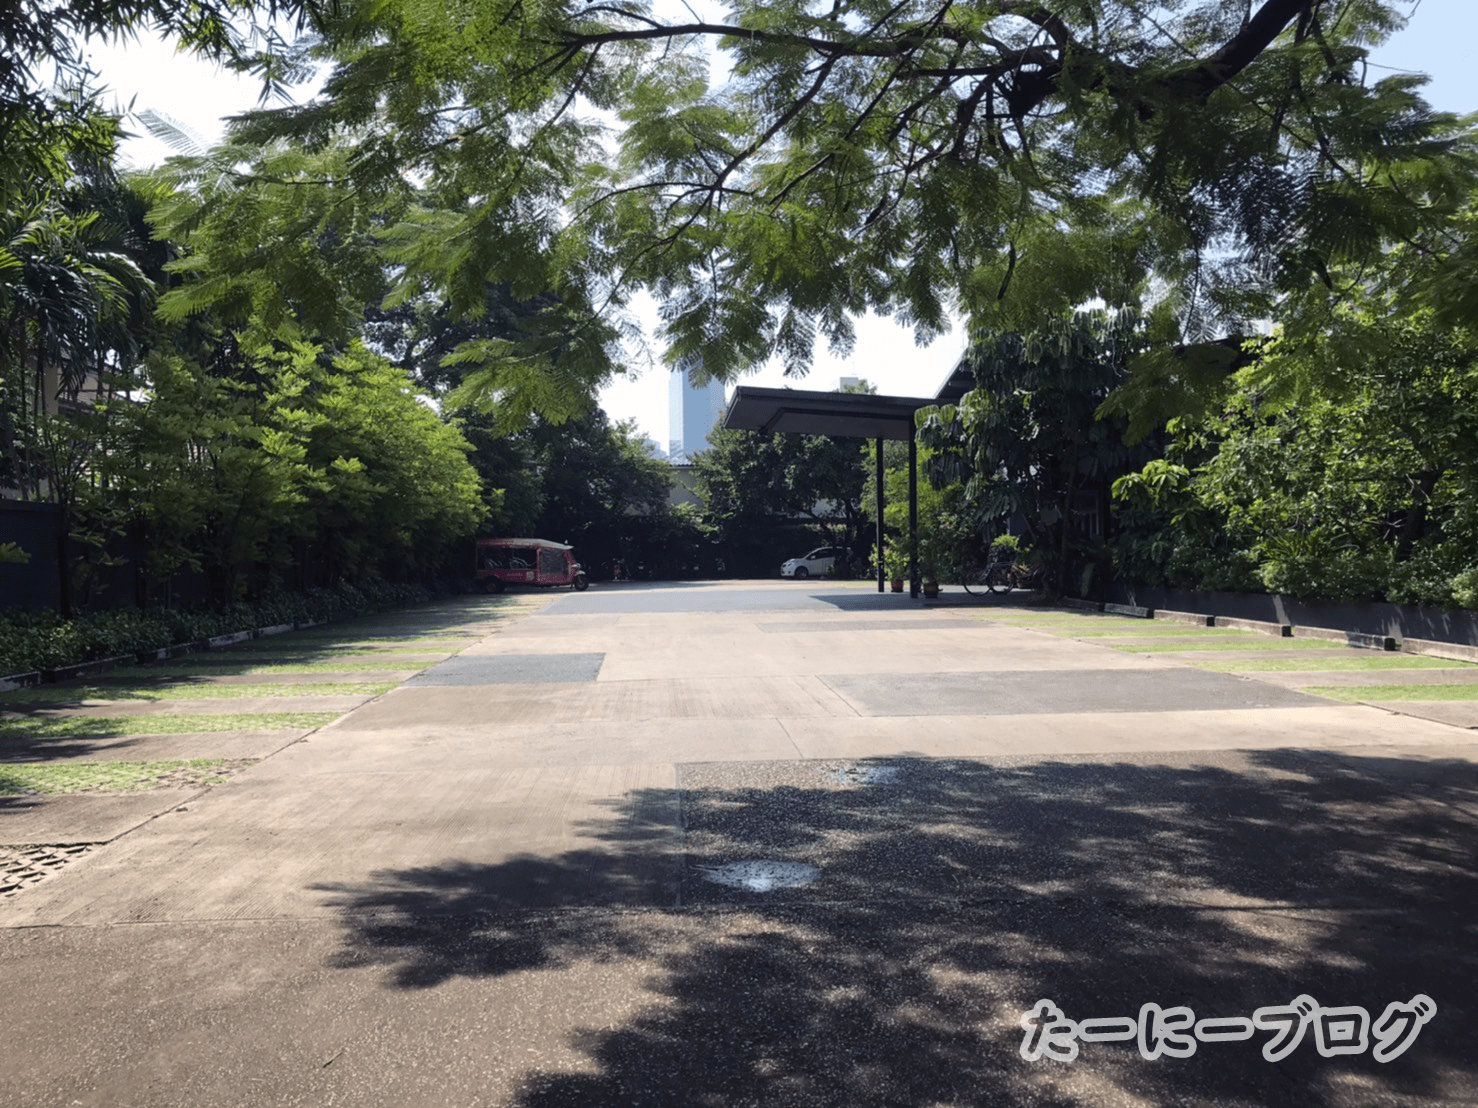 タリンプリン駐車場